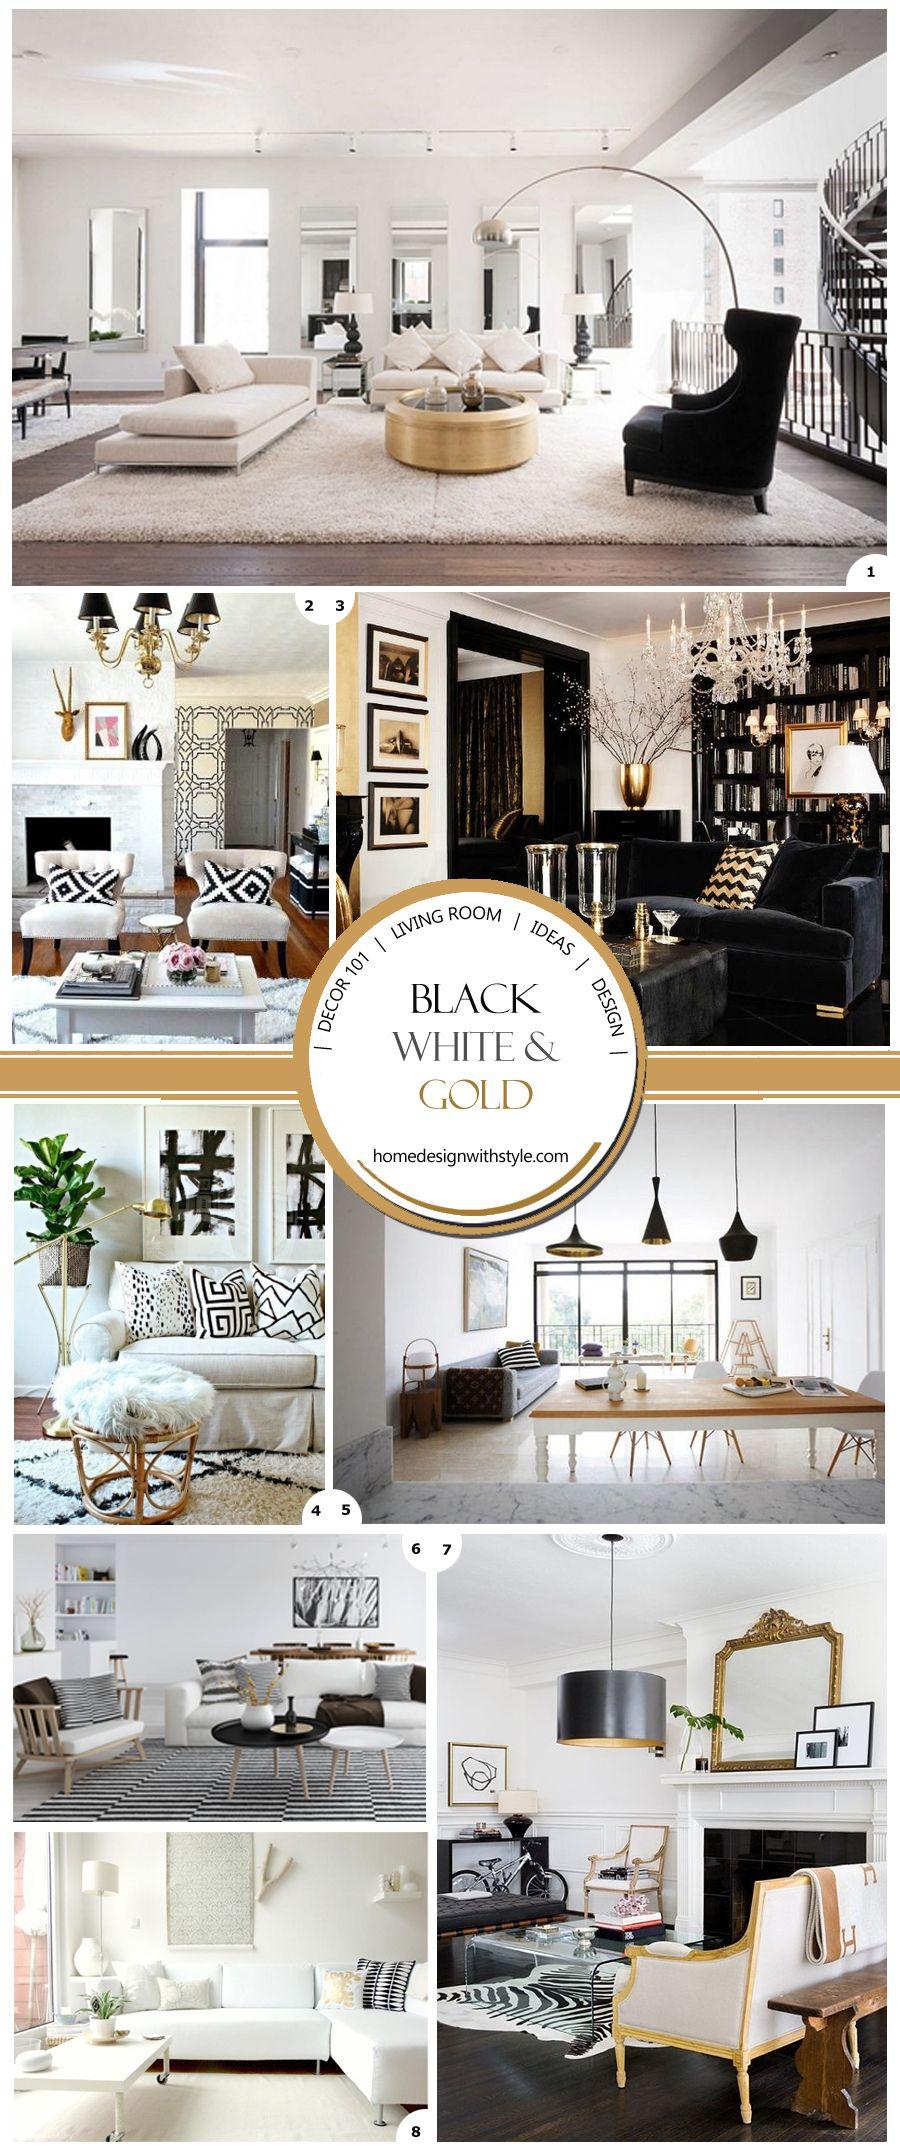 White gold and black decor living room living room decor black gold living